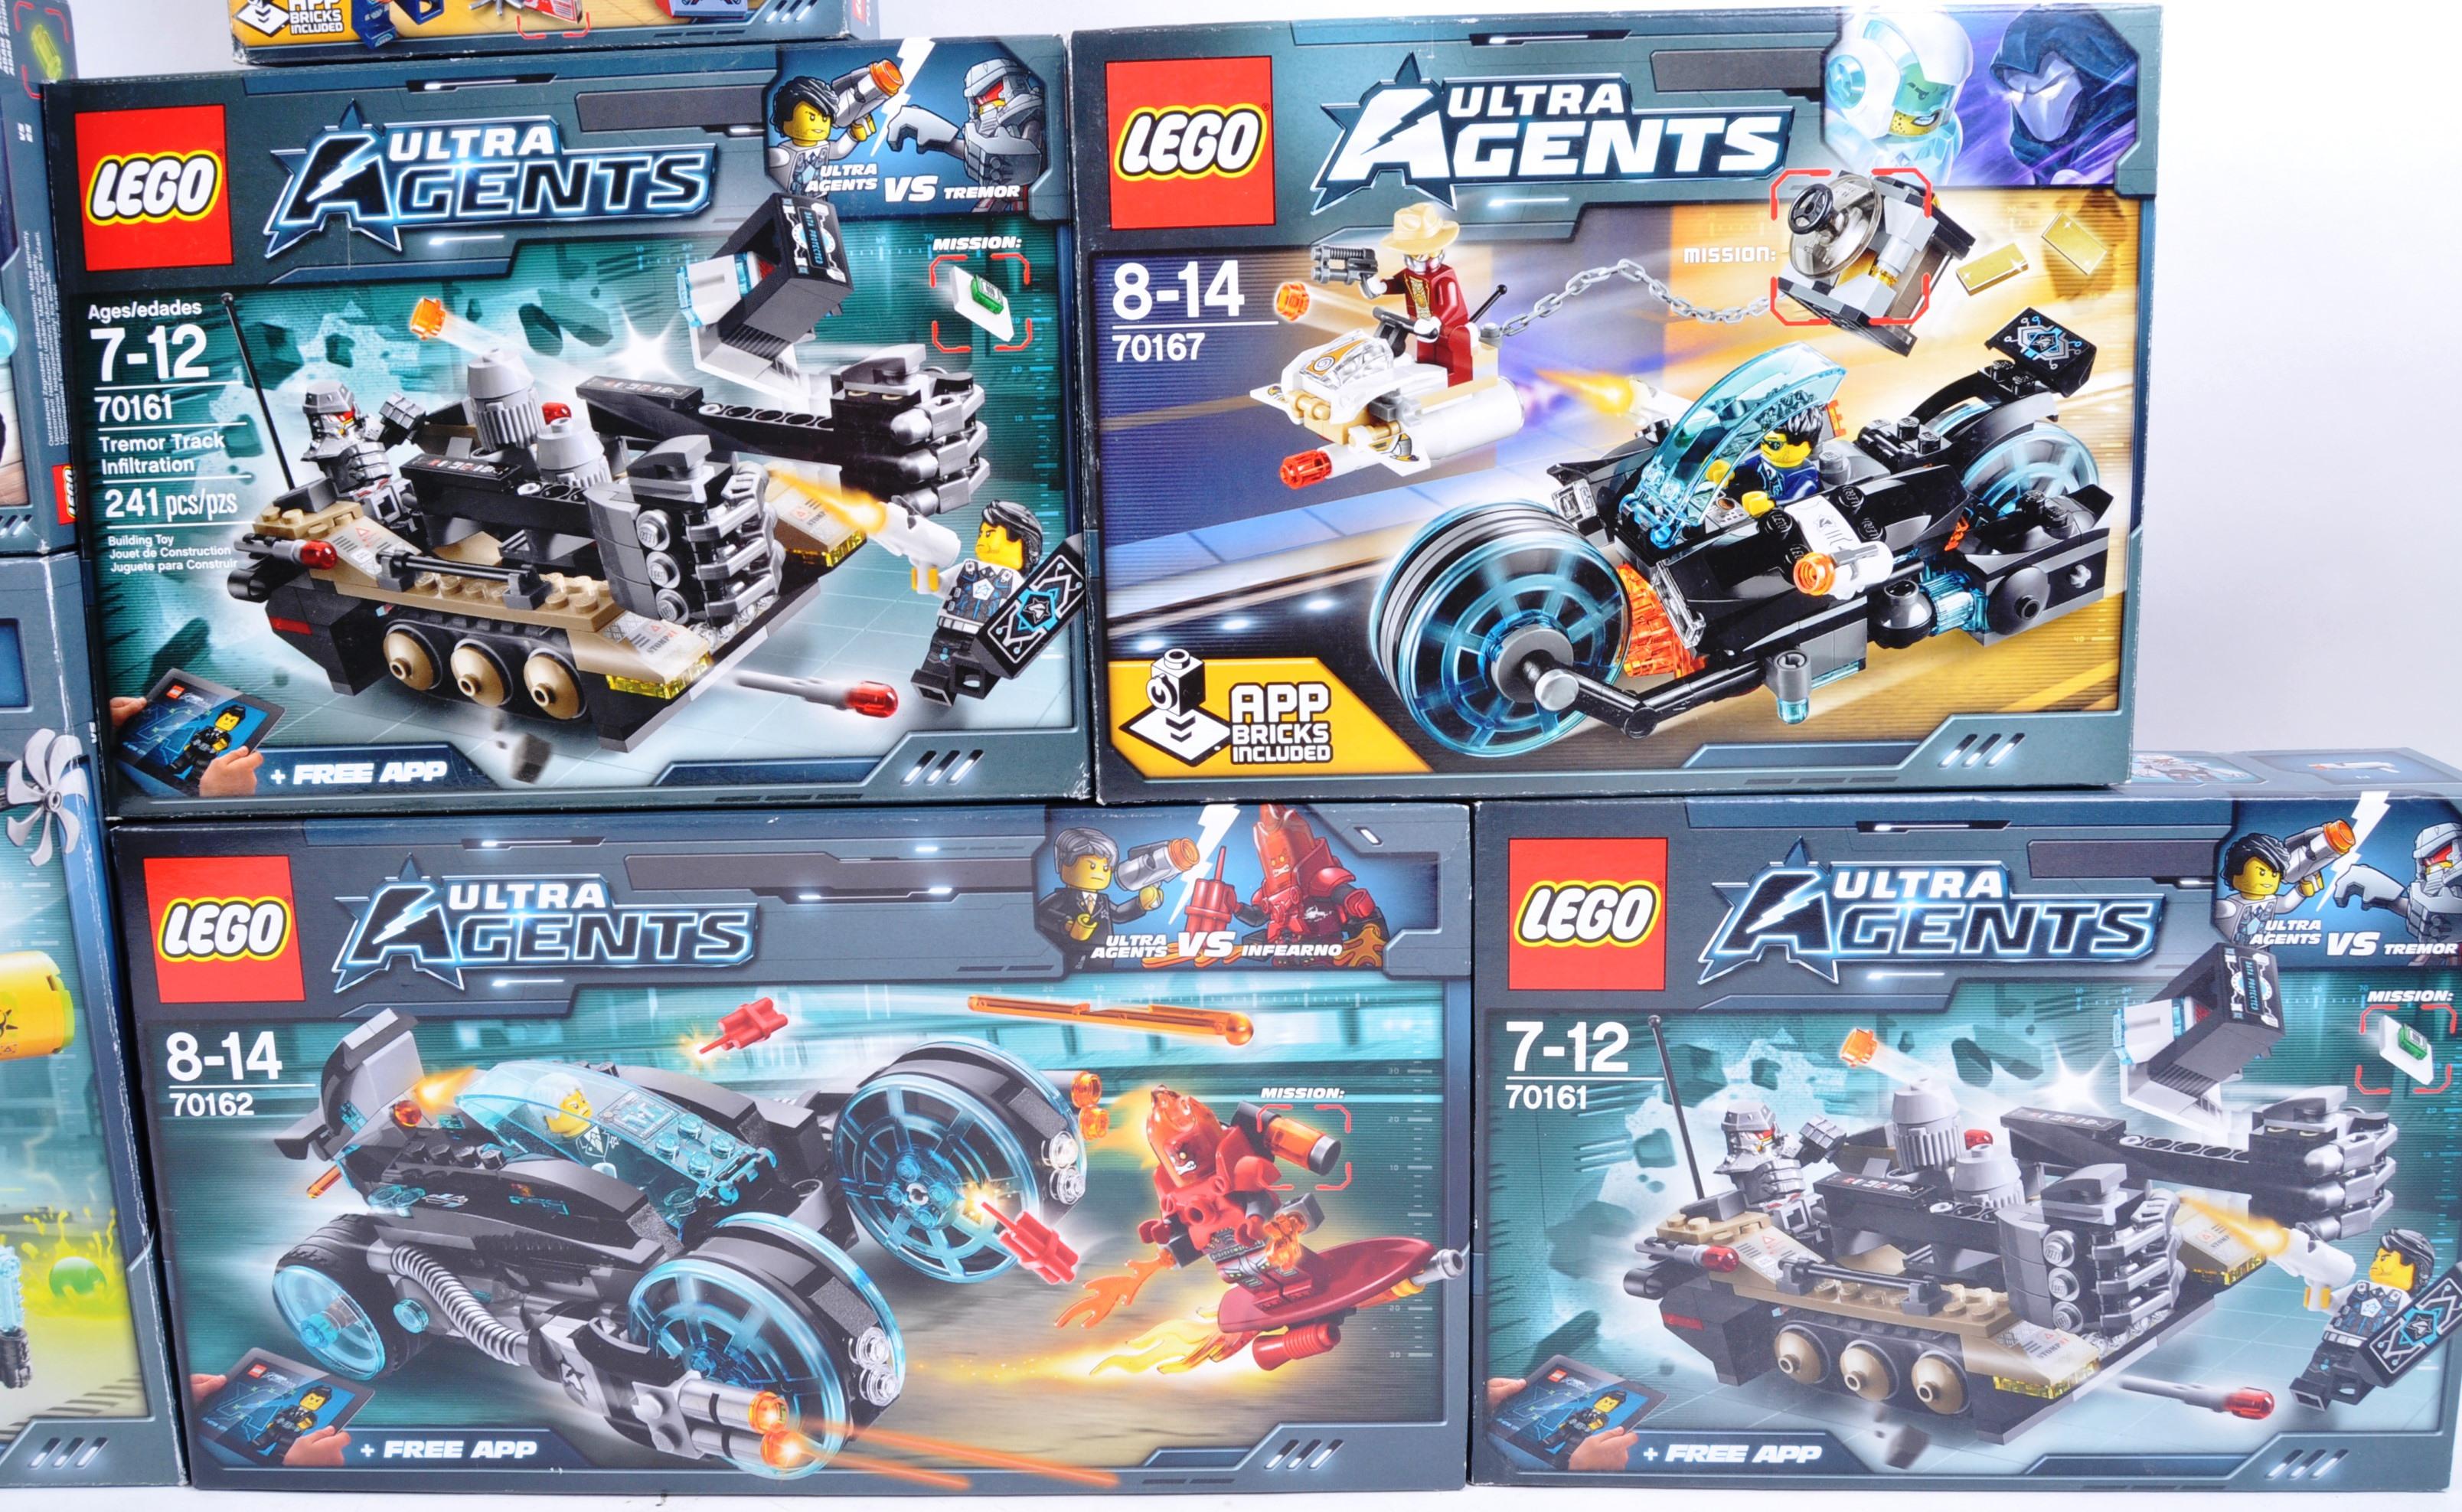 LEGO SETS - LEGO ULTRA AGENTS - Image 3 of 6